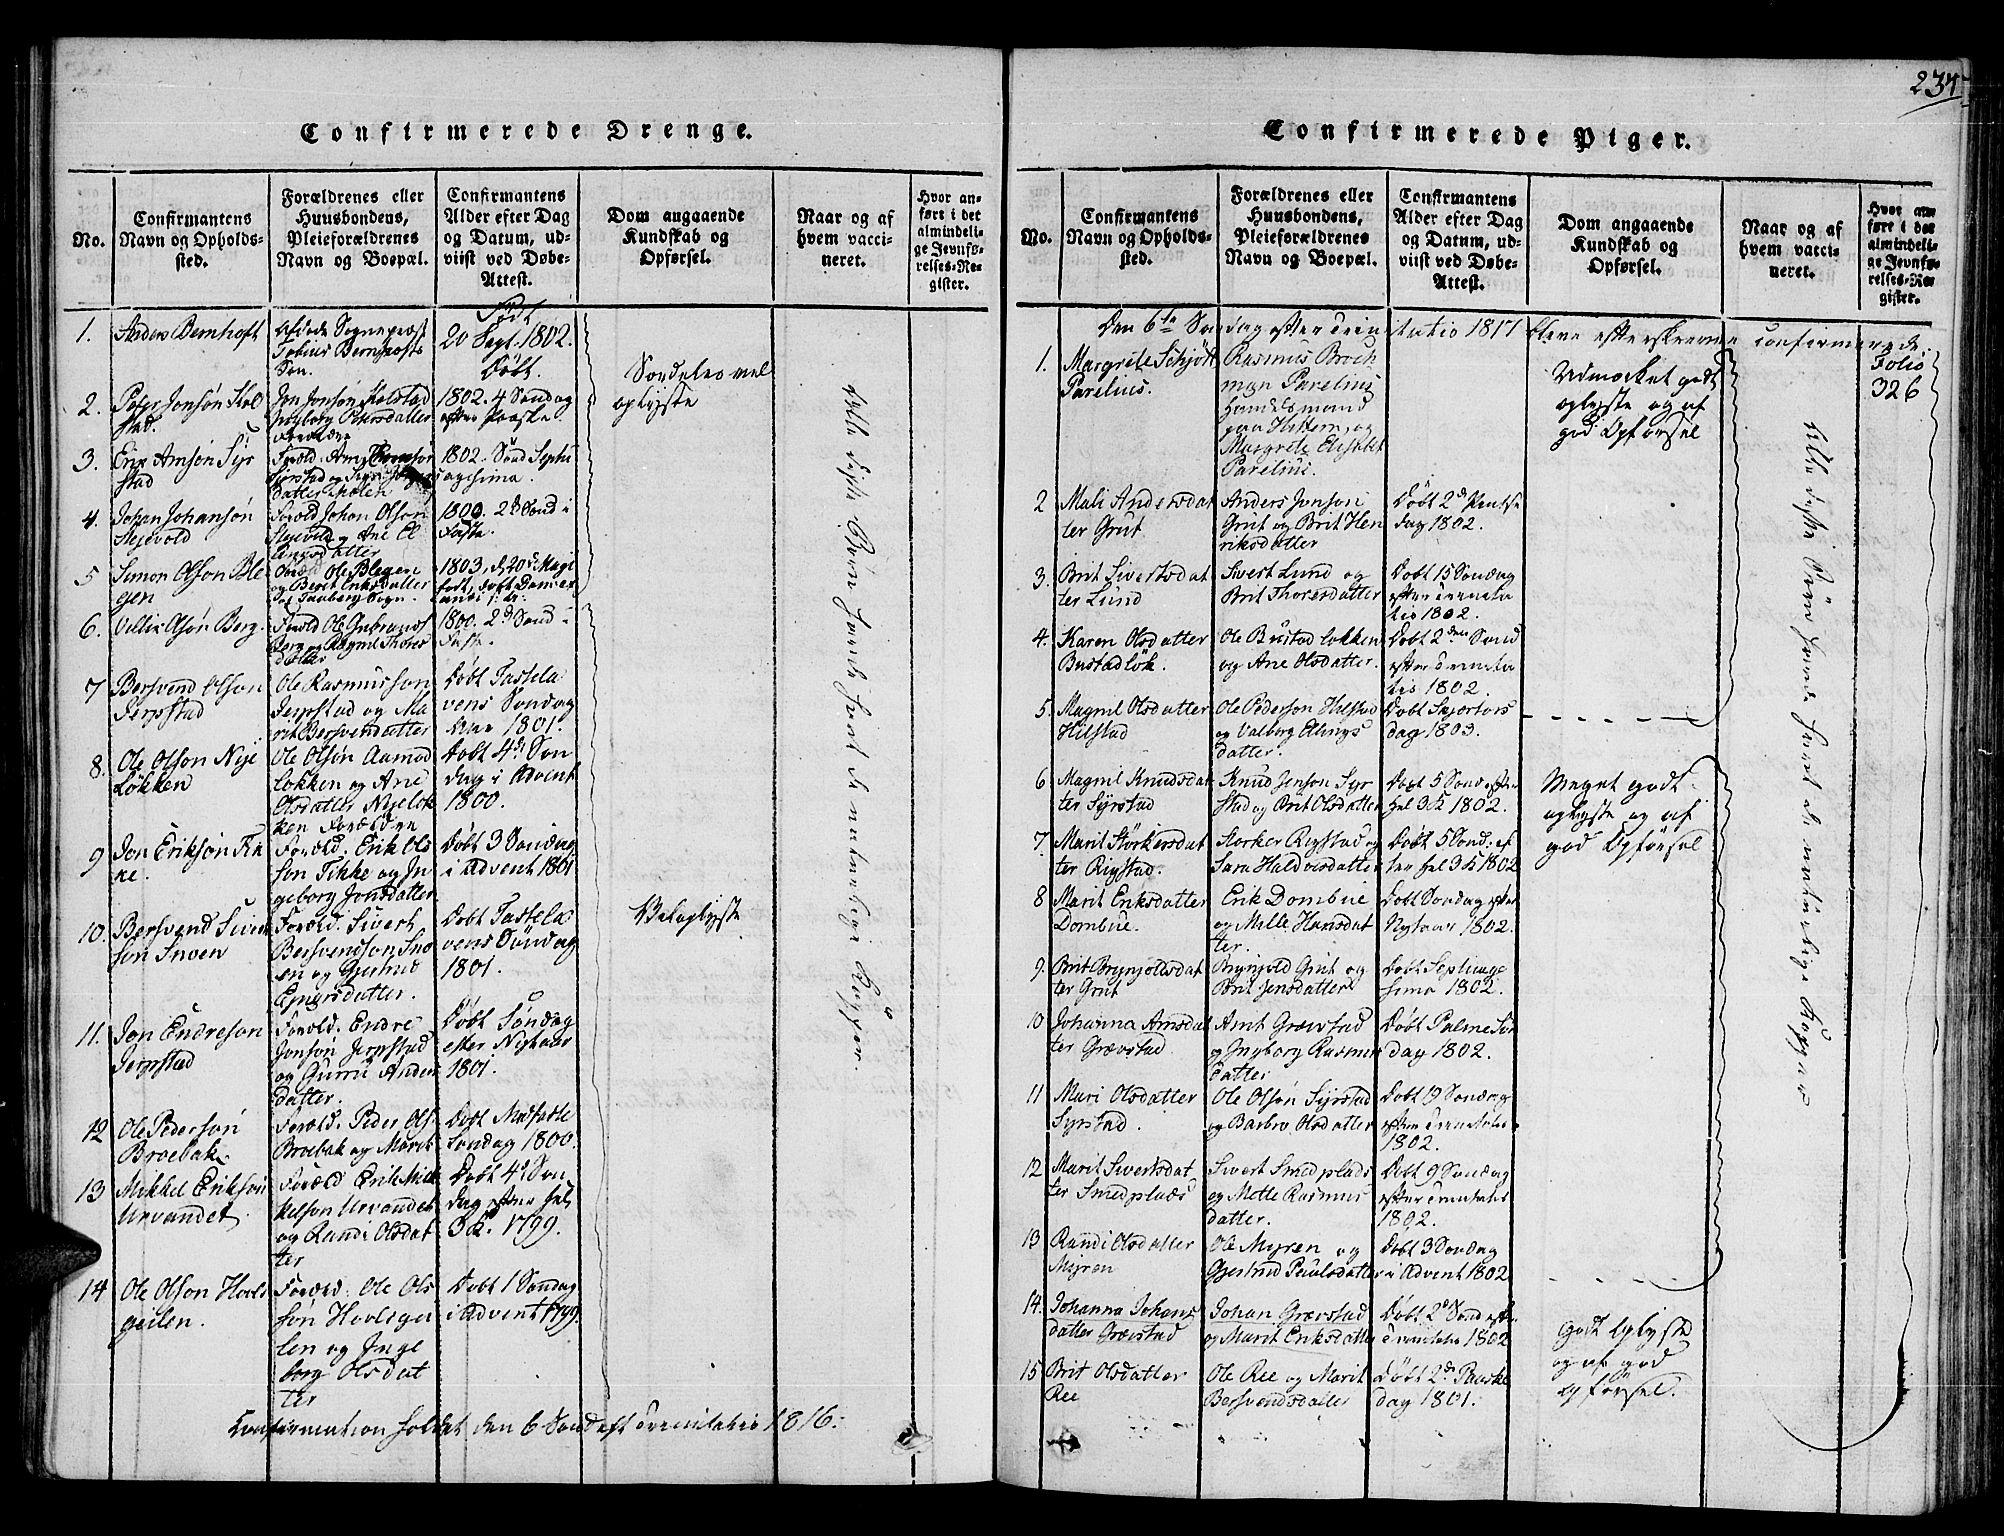 SAT, Ministerialprotokoller, klokkerbøker og fødselsregistre - Sør-Trøndelag, 672/L0853: Ministerialbok nr. 672A06 /1, 1816-1829, s. 234